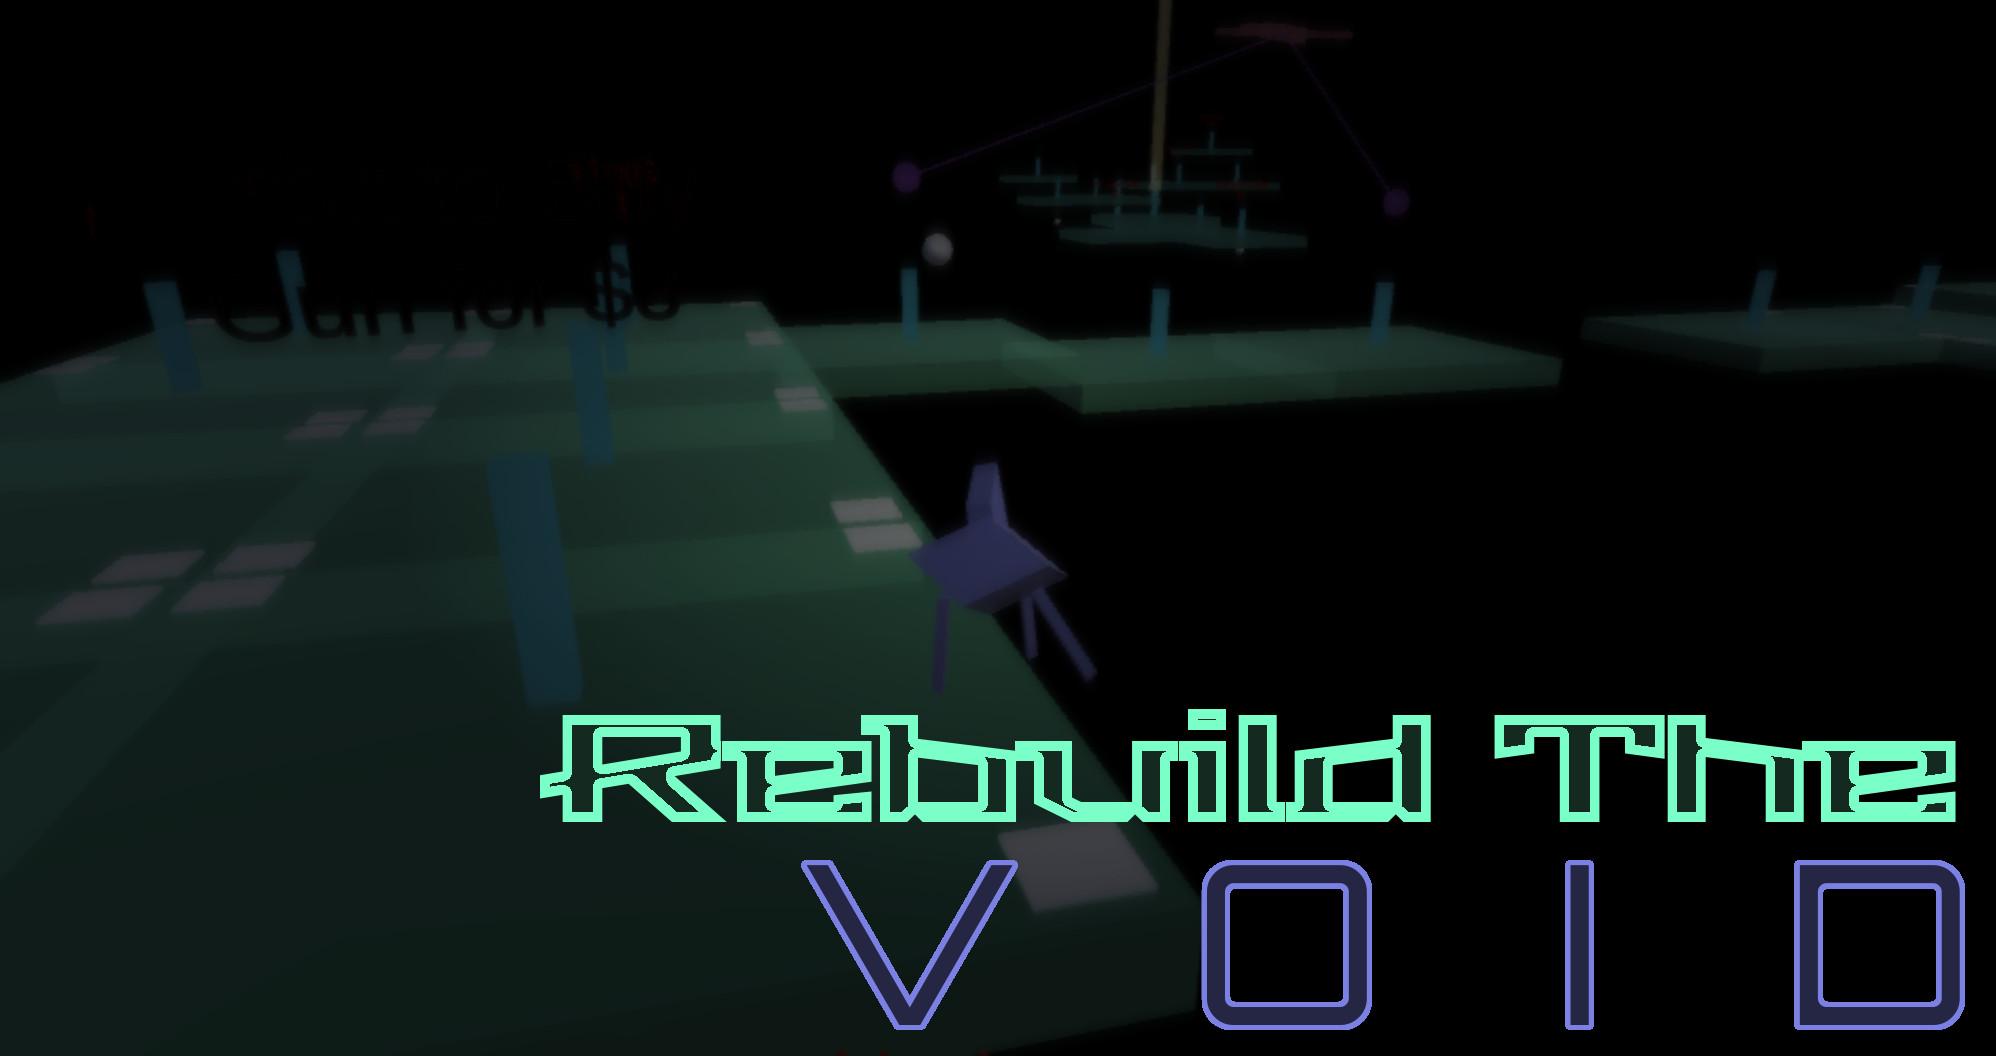 Rebuild The Void